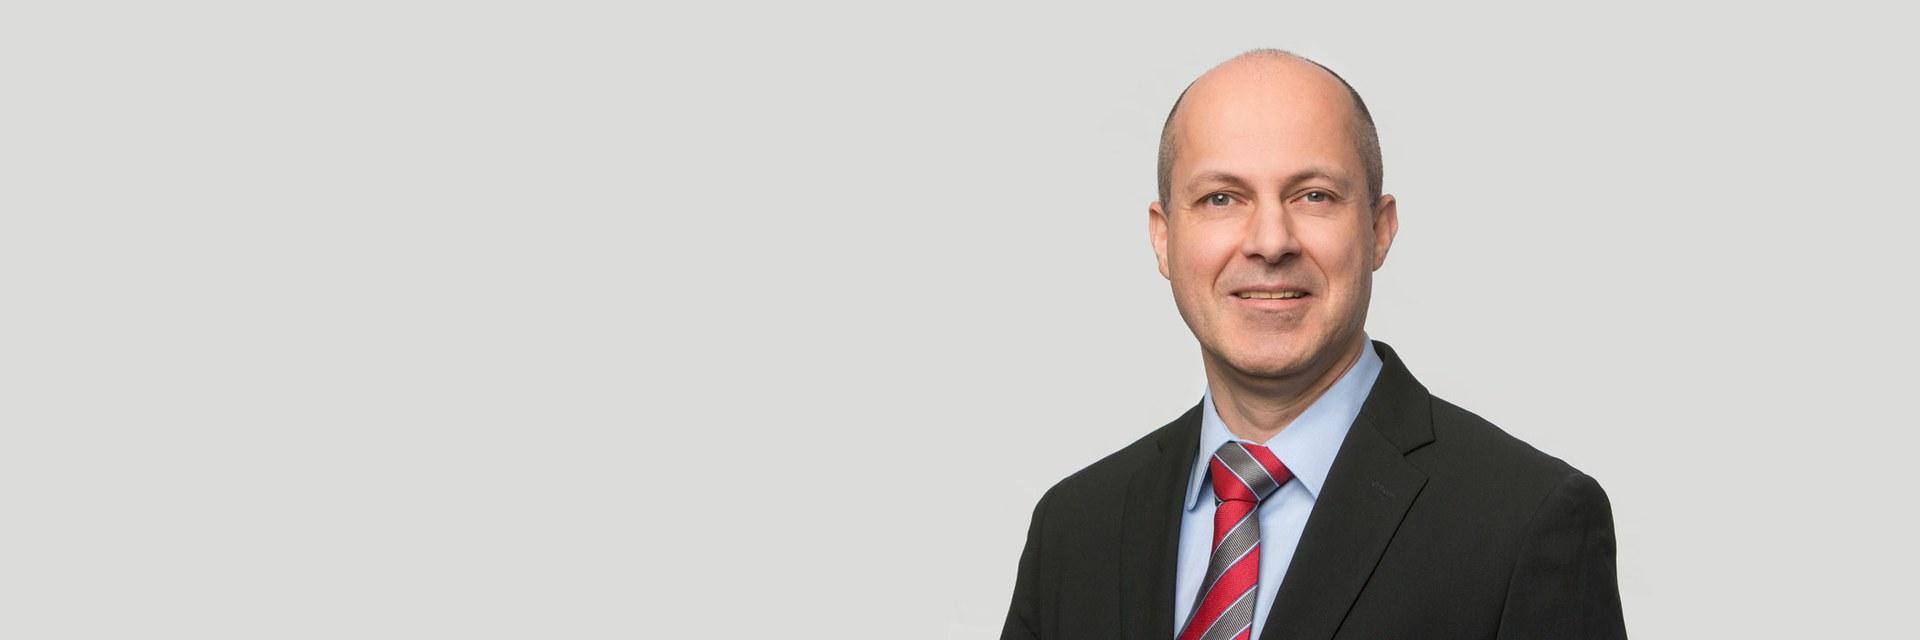 Prof. Dr. Rolf Dornberger